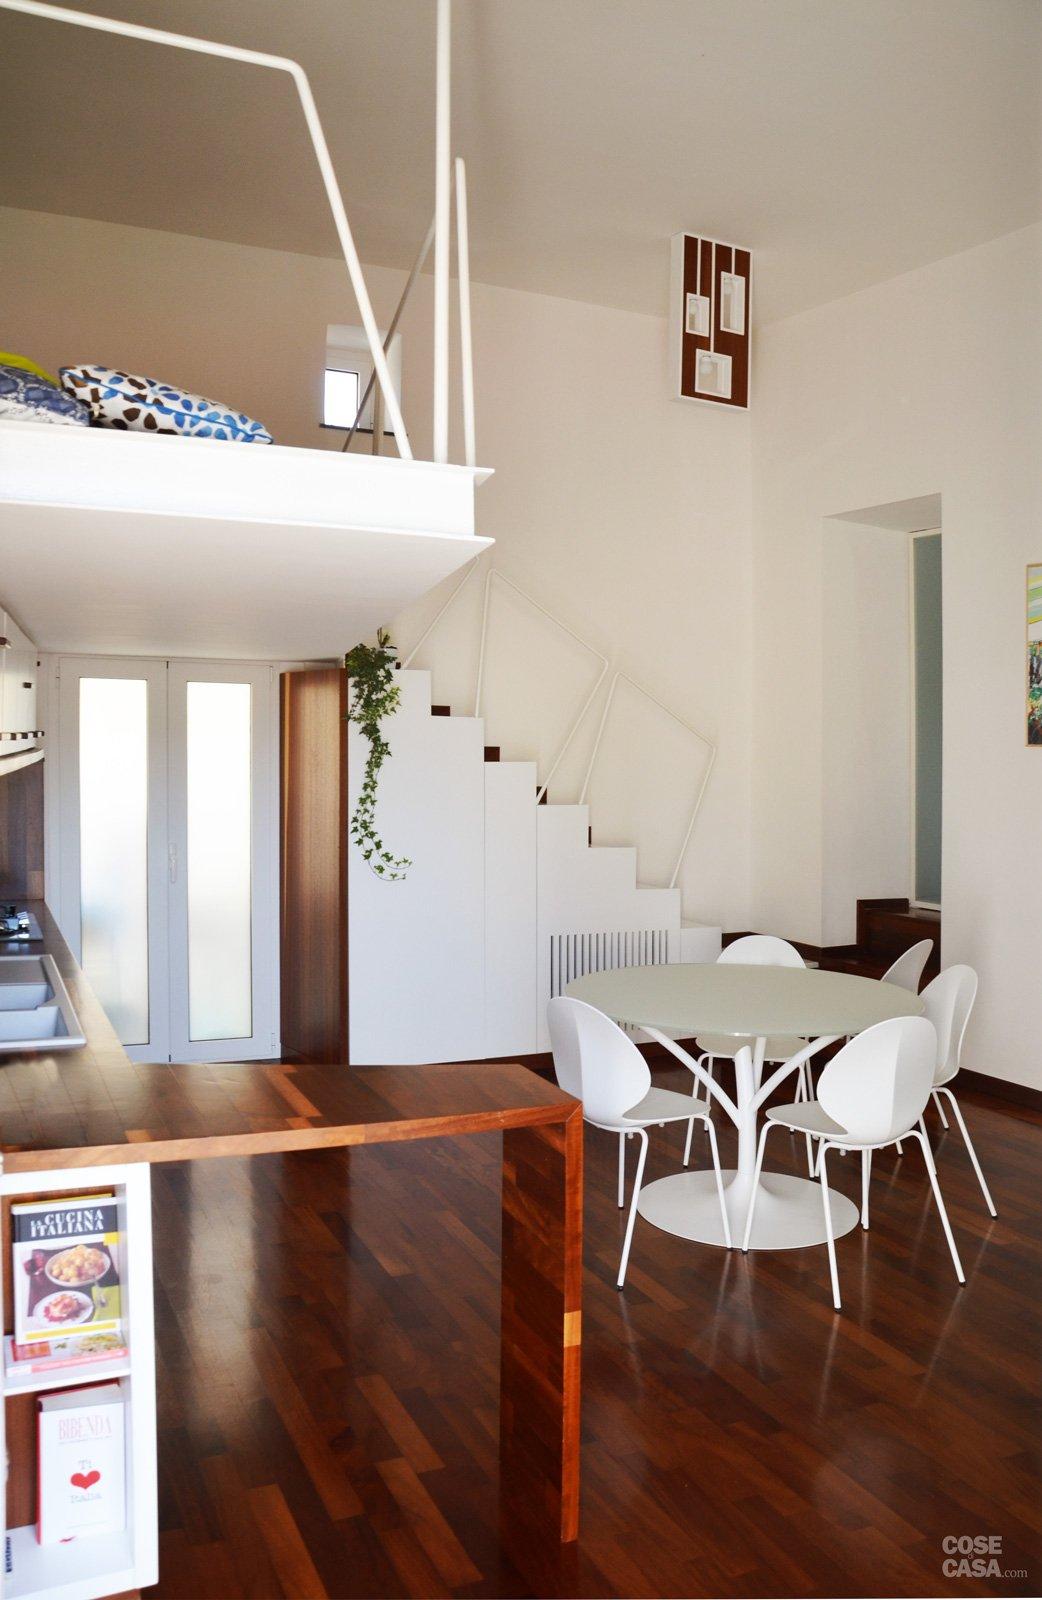 Un mini appartamento di 50 mq che sfrutta l 39 altezza dei for Case piccole con soppalco